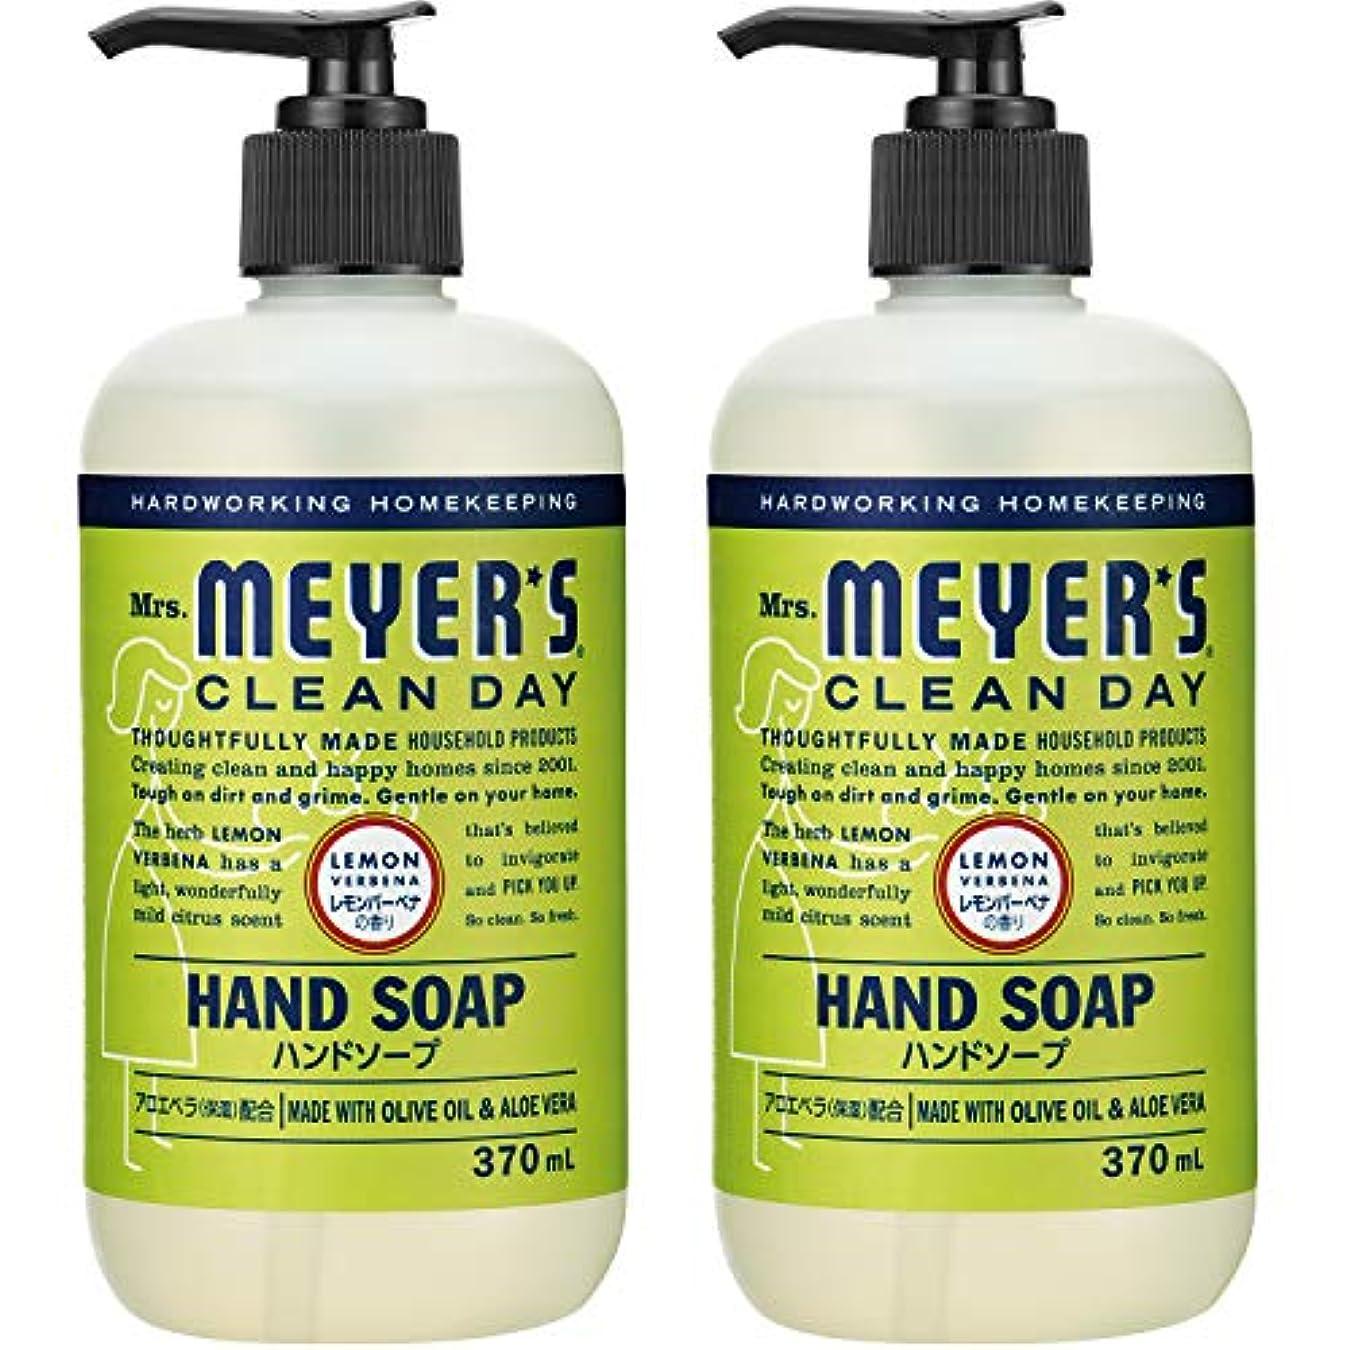 うそつき結果デコードするMrs. MEYER'S CLEAN DAY(ミセスマイヤーズ クリーンデイ) ミセスマイヤーズ クリーンデイ(Mrs.Meyers Clean Day) ハンドソープ レモンバーベナの香り 370ml×2個